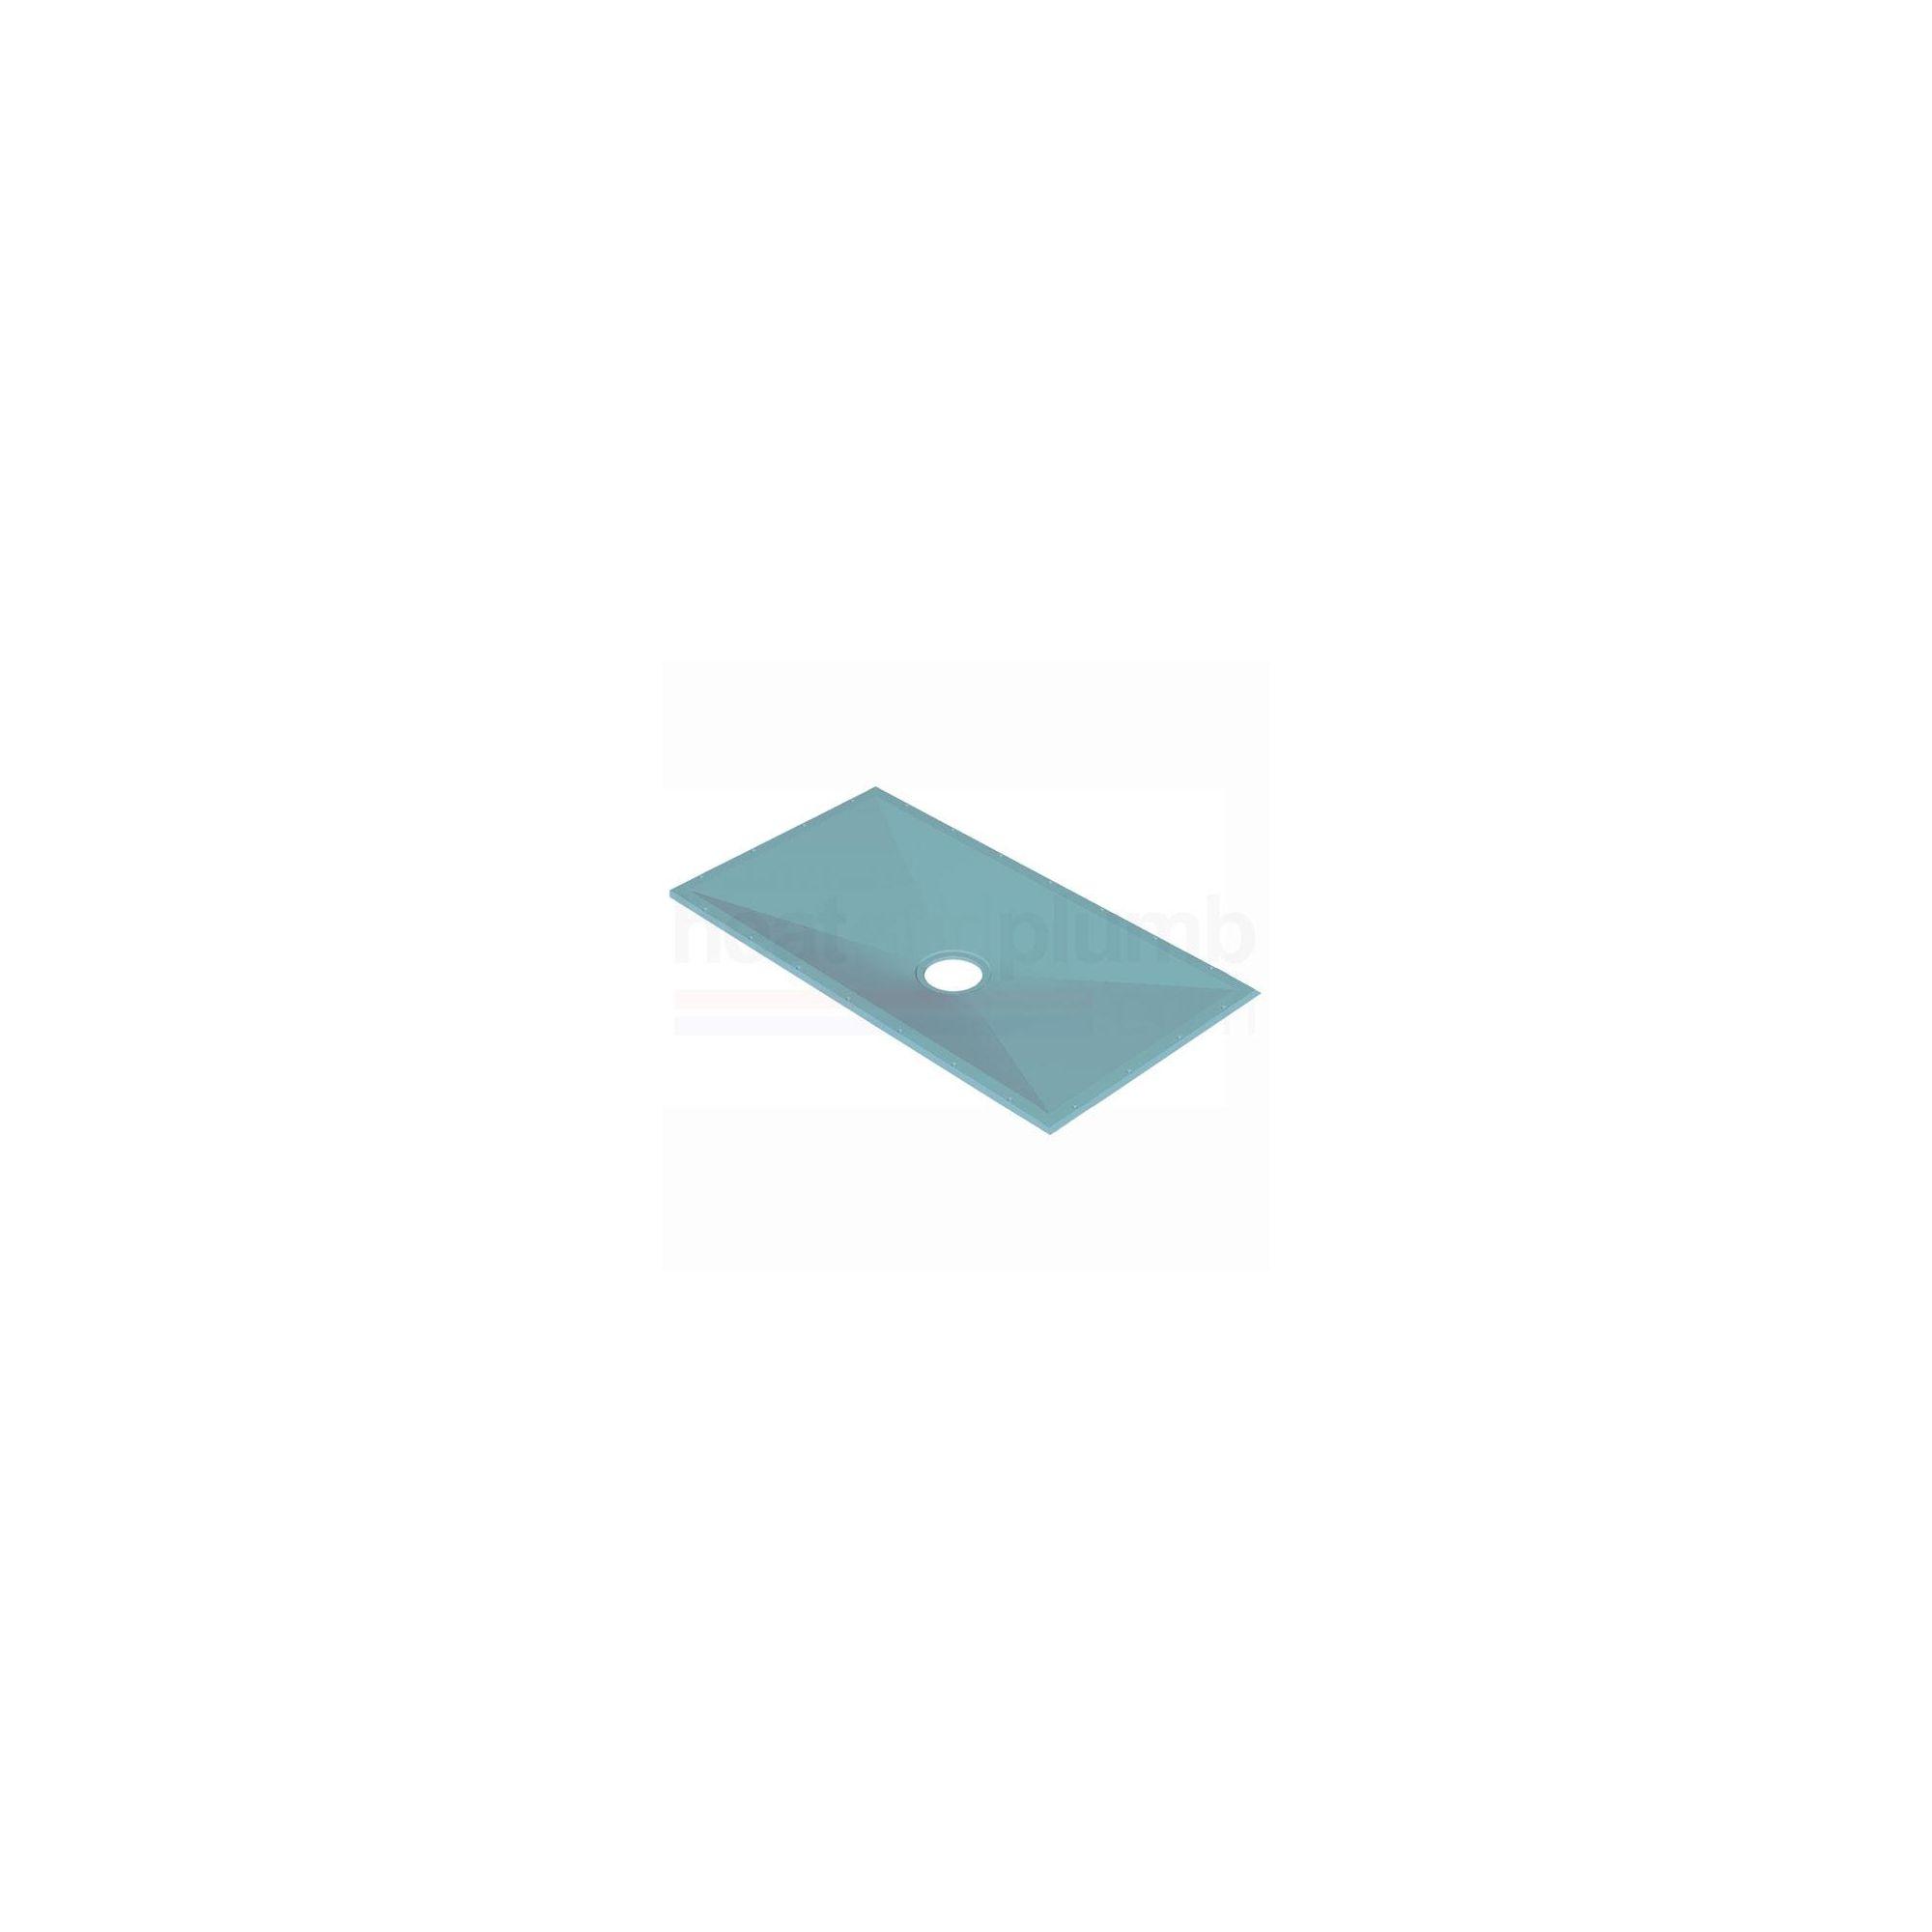 AKW Tuff Form Rectangular Wet Room Floor Former 1500mm x 1200mm at Tesco Direct